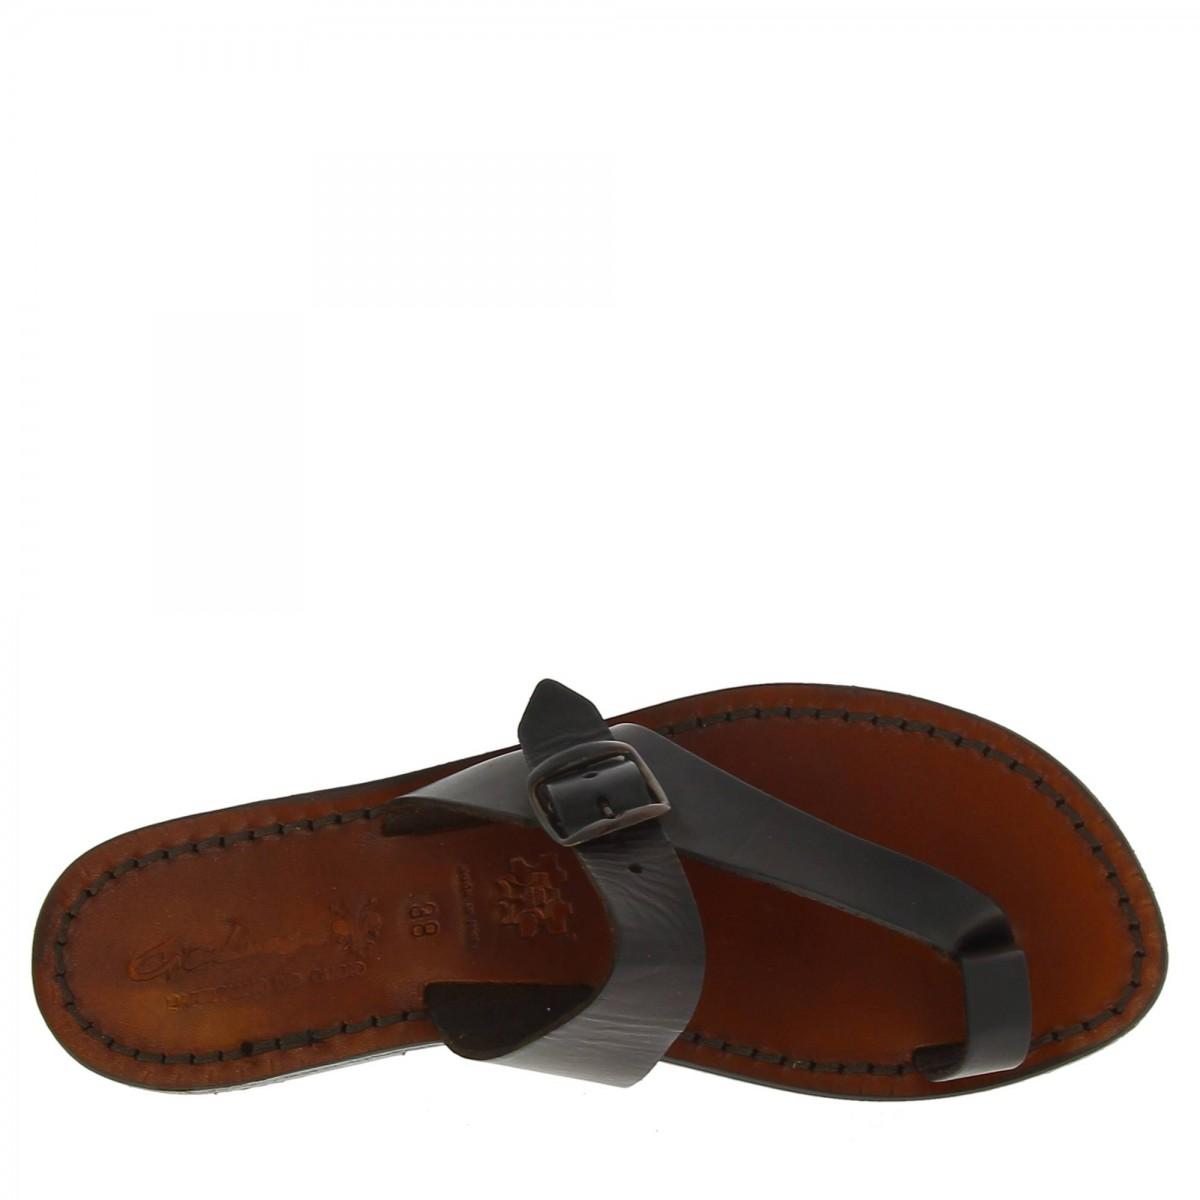 Braune Riemchensandalen für Damen aus Leder